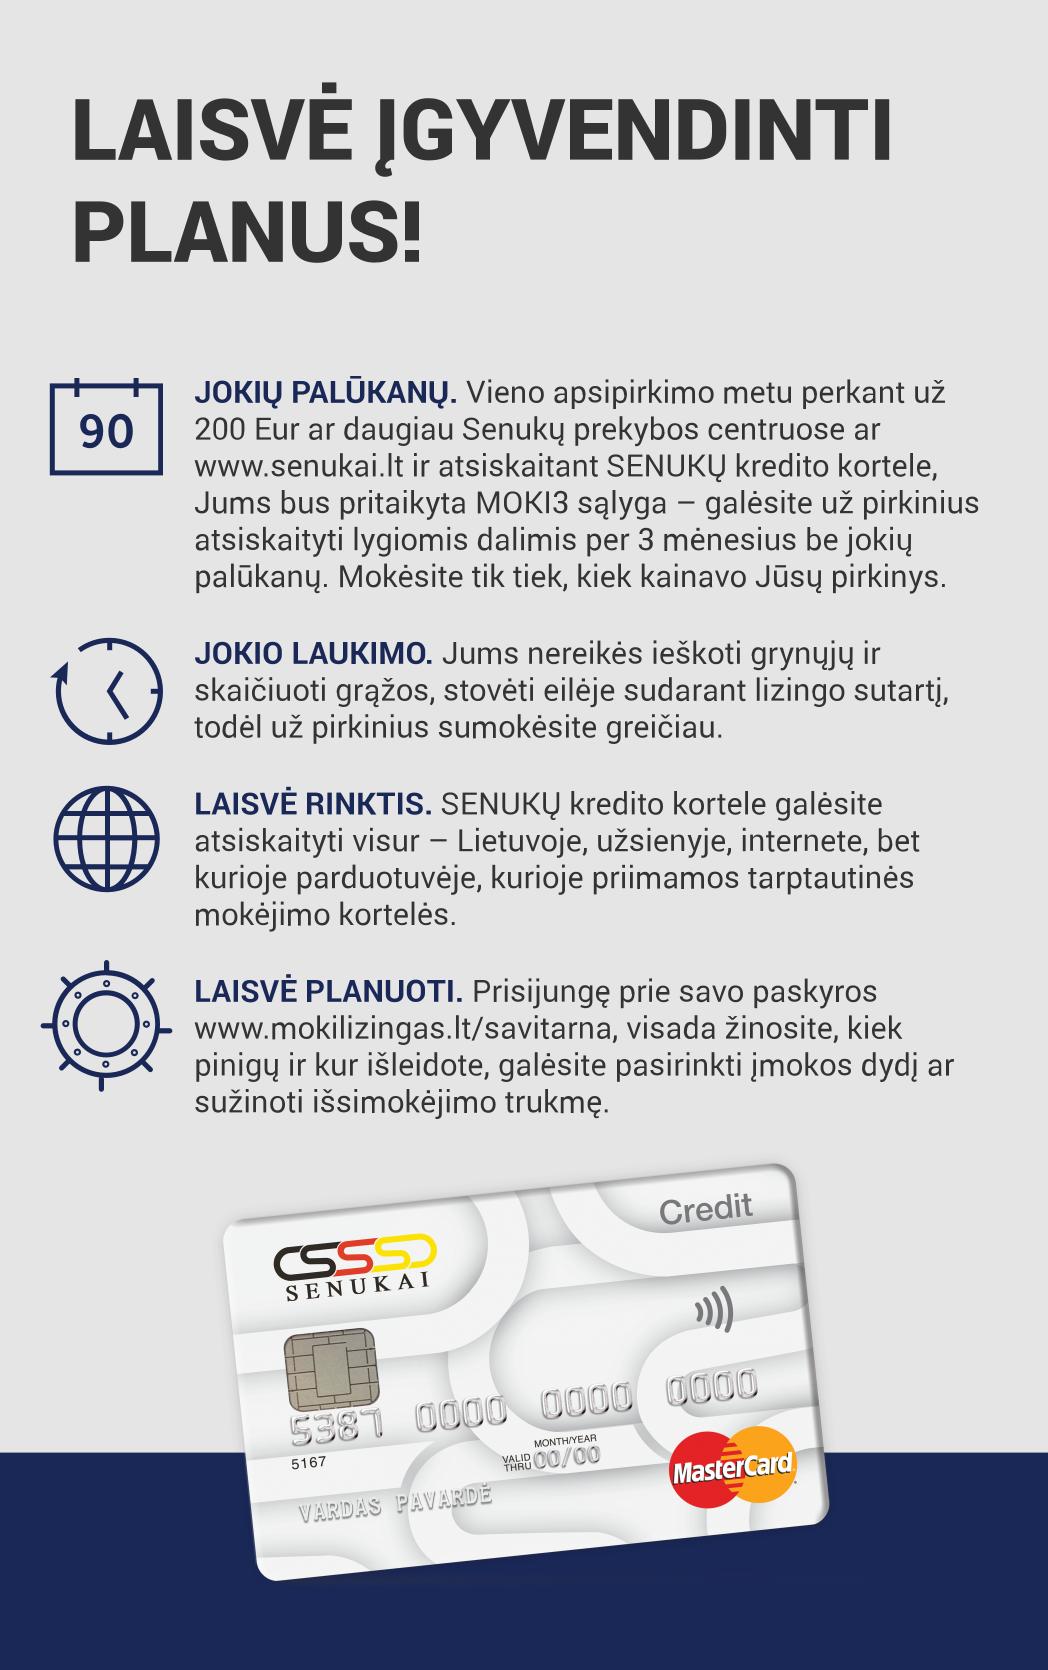 Landings credit card mobile